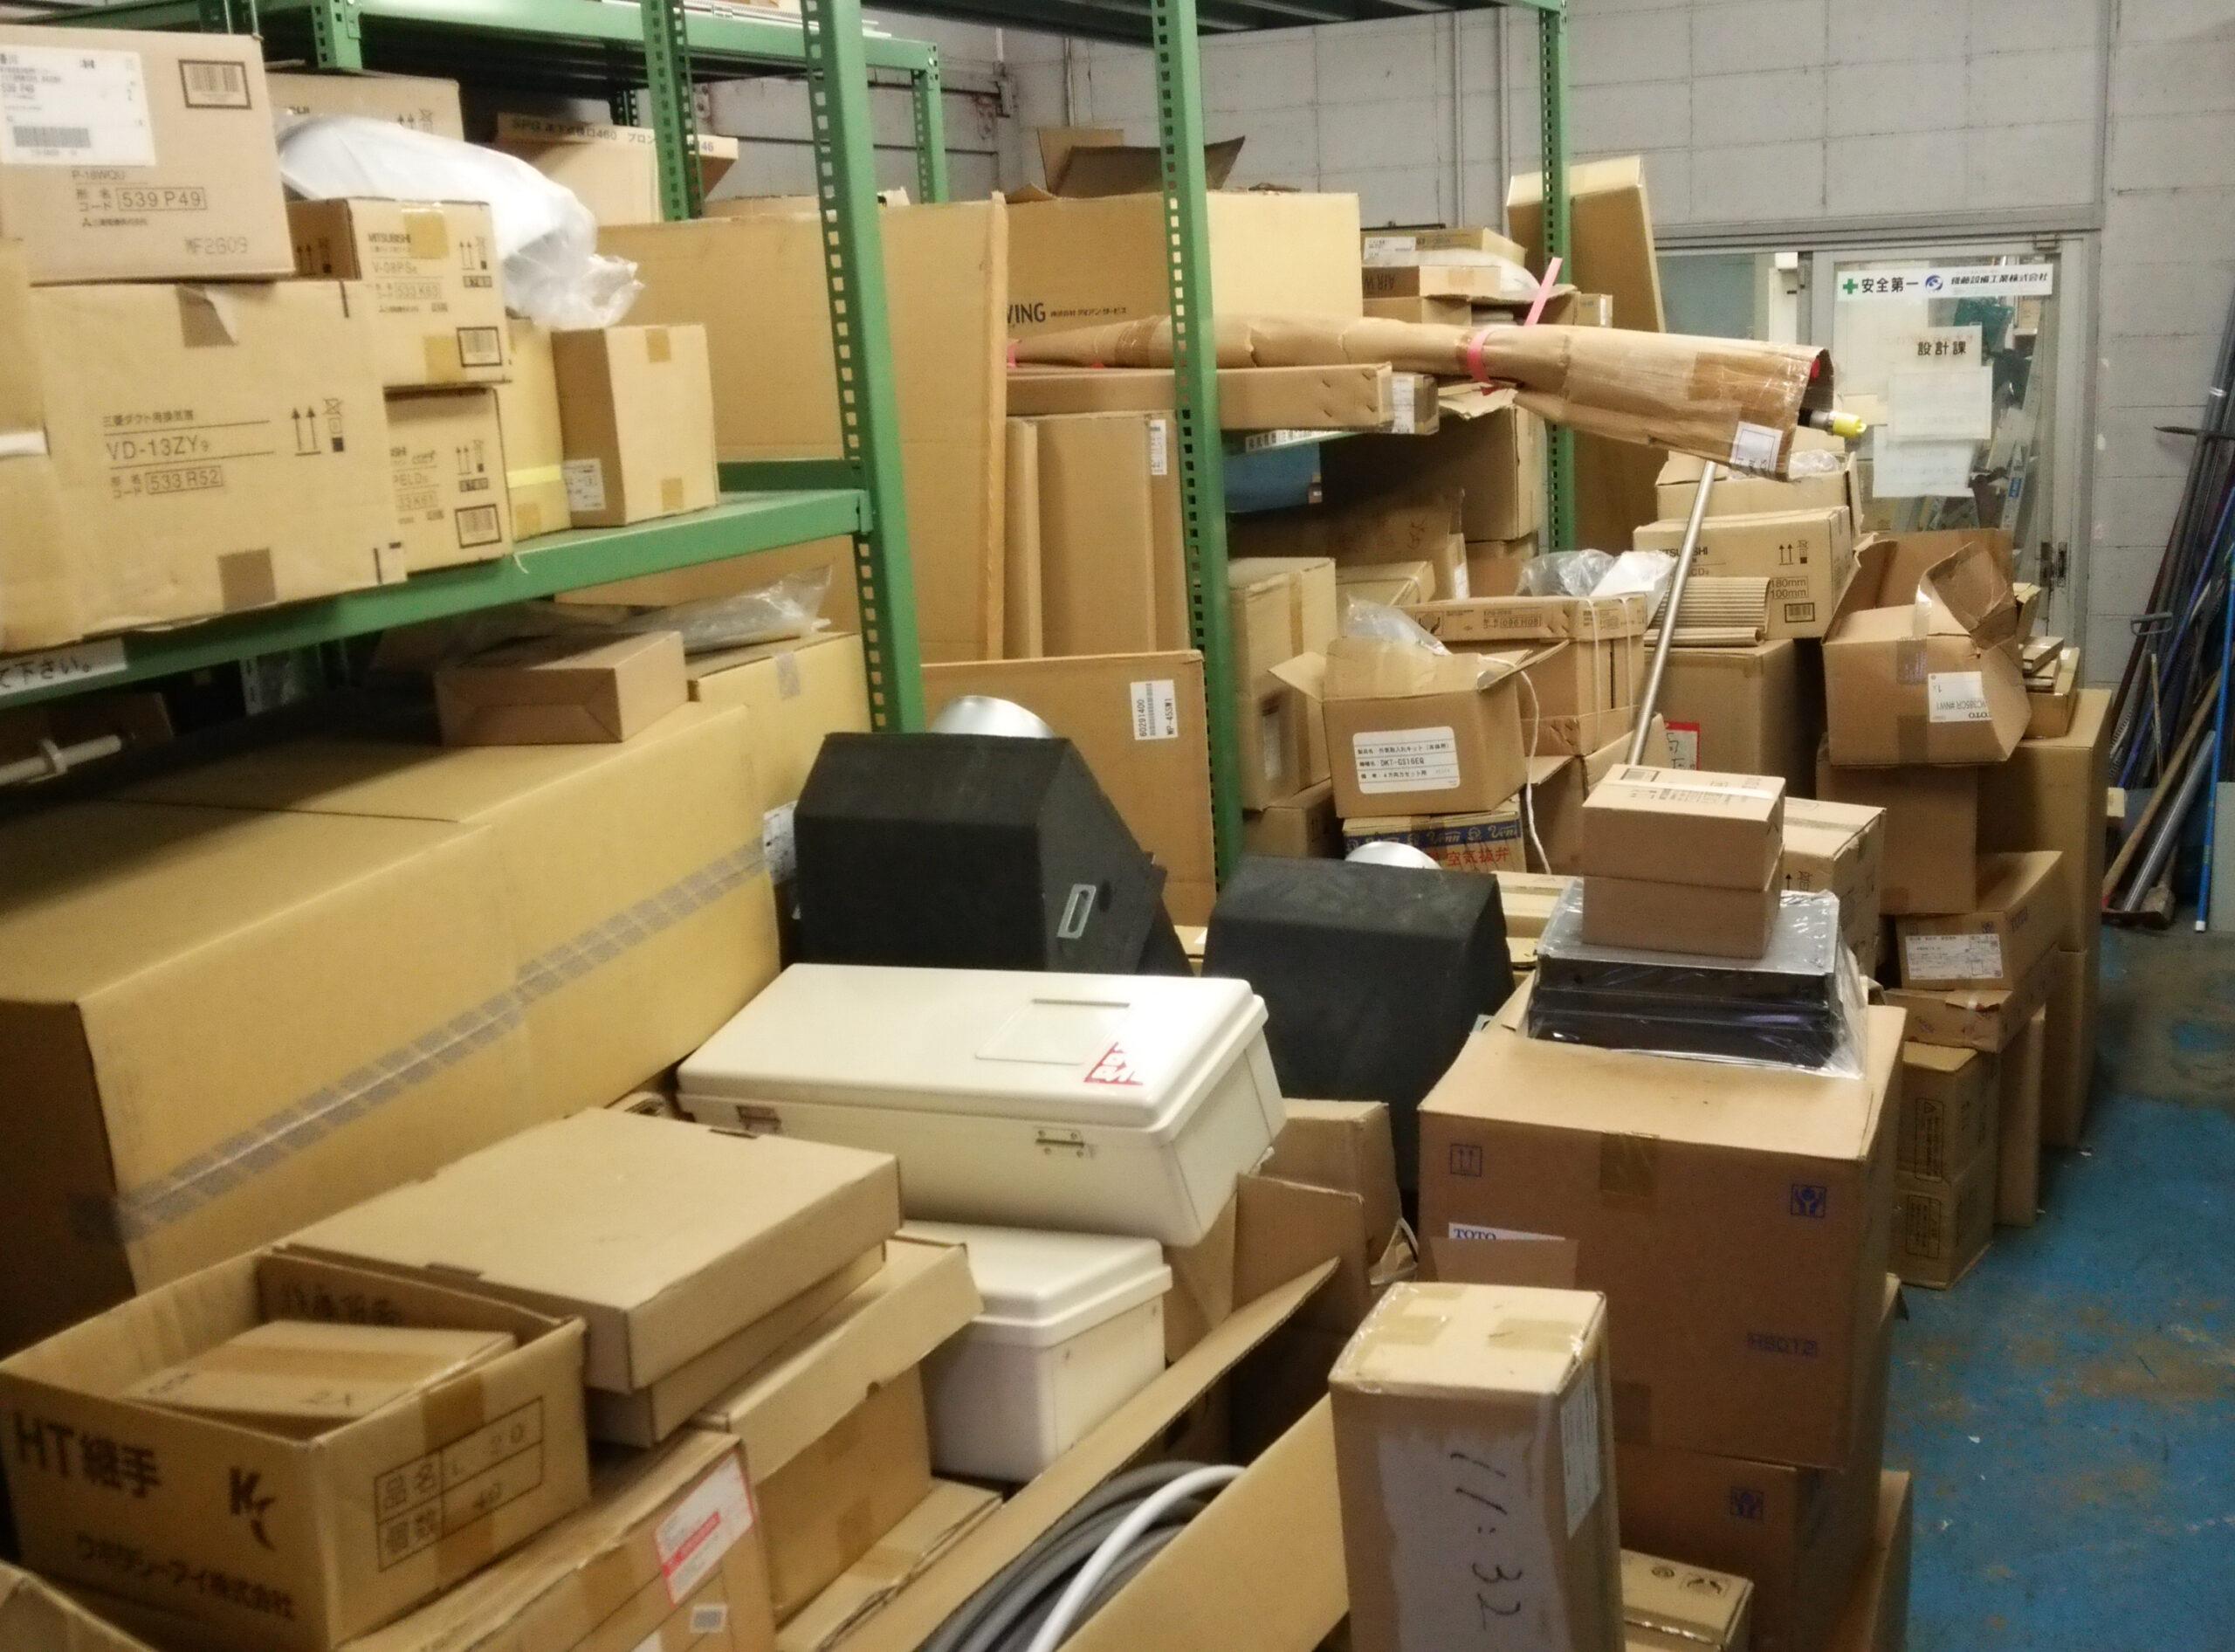 設備機器が積み上げられた倉庫